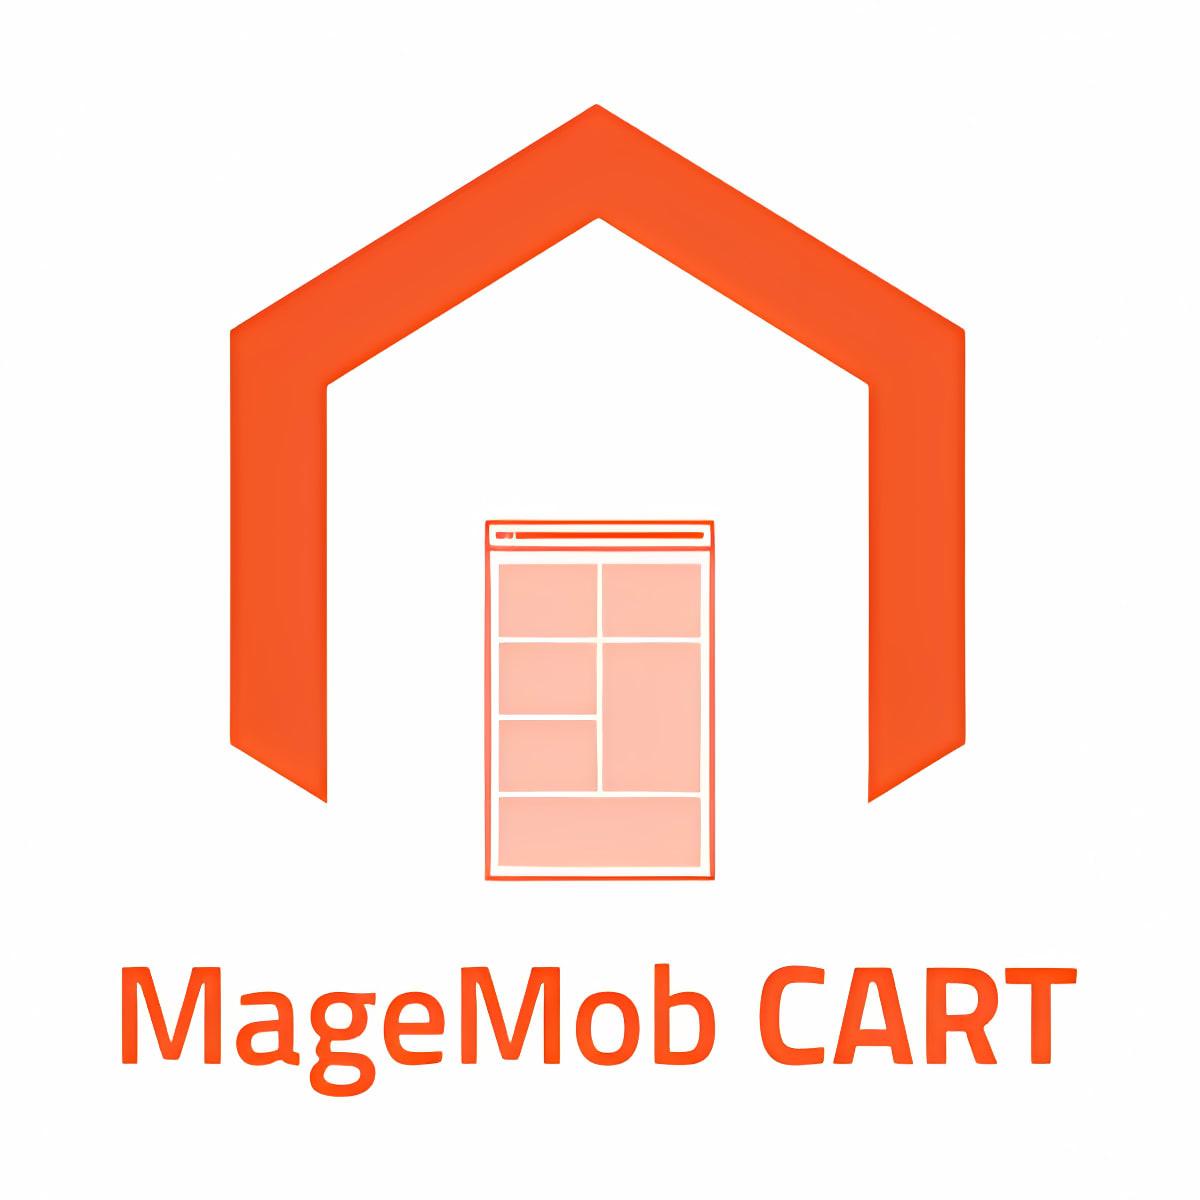 MageMob Cart 1.1.0